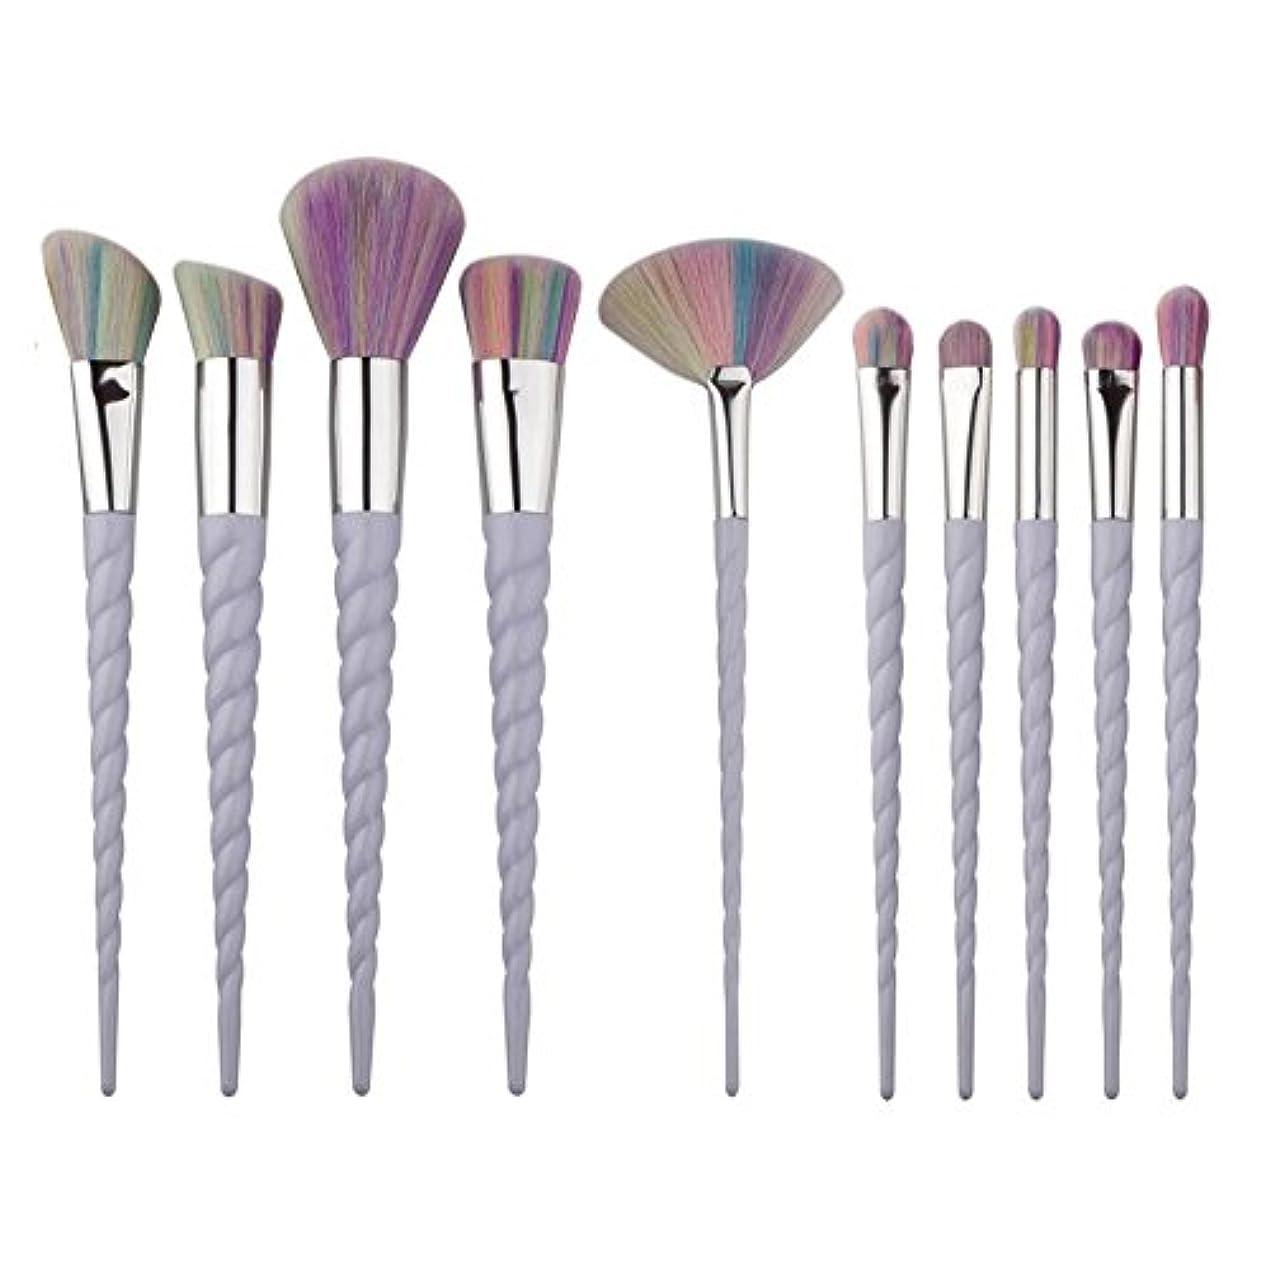 擬人効能輪郭Dilla Beauty 10本セットユニコーンデザインプラスチックハンドル形状メイクブラシセット合成毛ファンデーションブラシアイシャドーブラッシャー美容ツール (ホワイト-1)